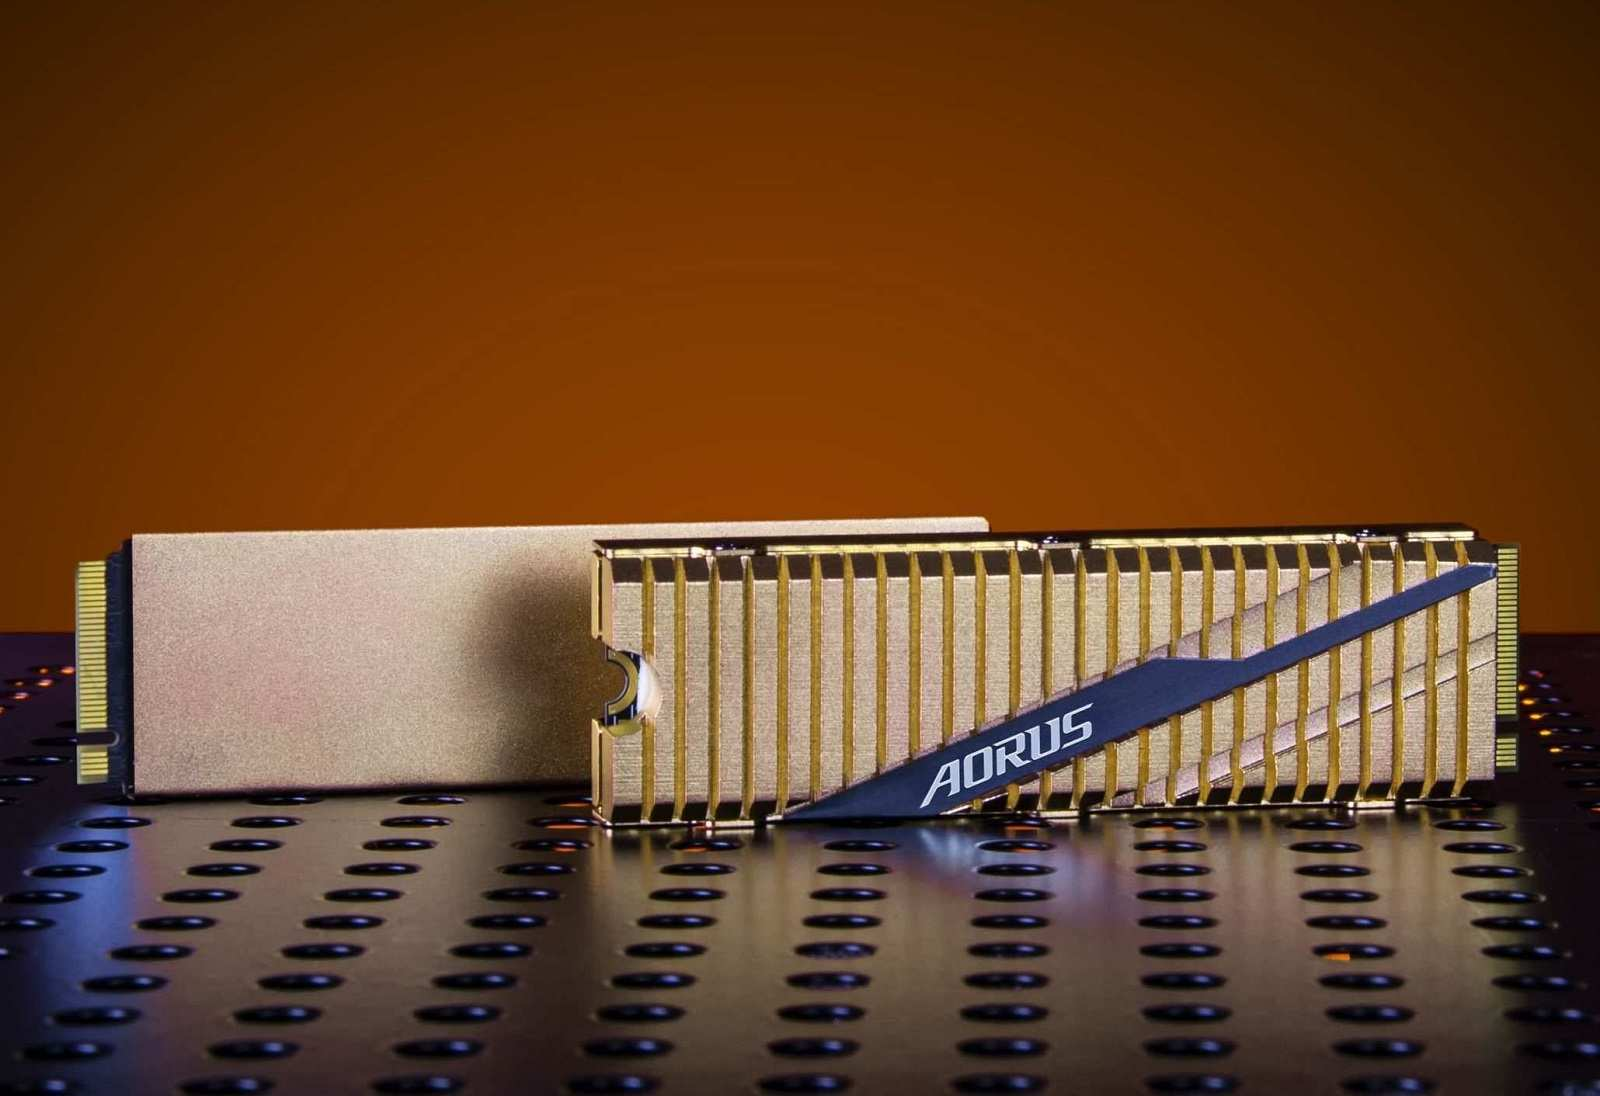 کامپیوتکس 2019: گیگابایت SSD جدید مبتنی بر نسل چهارم NVMe را تحت برند AORUS معرفی کرد